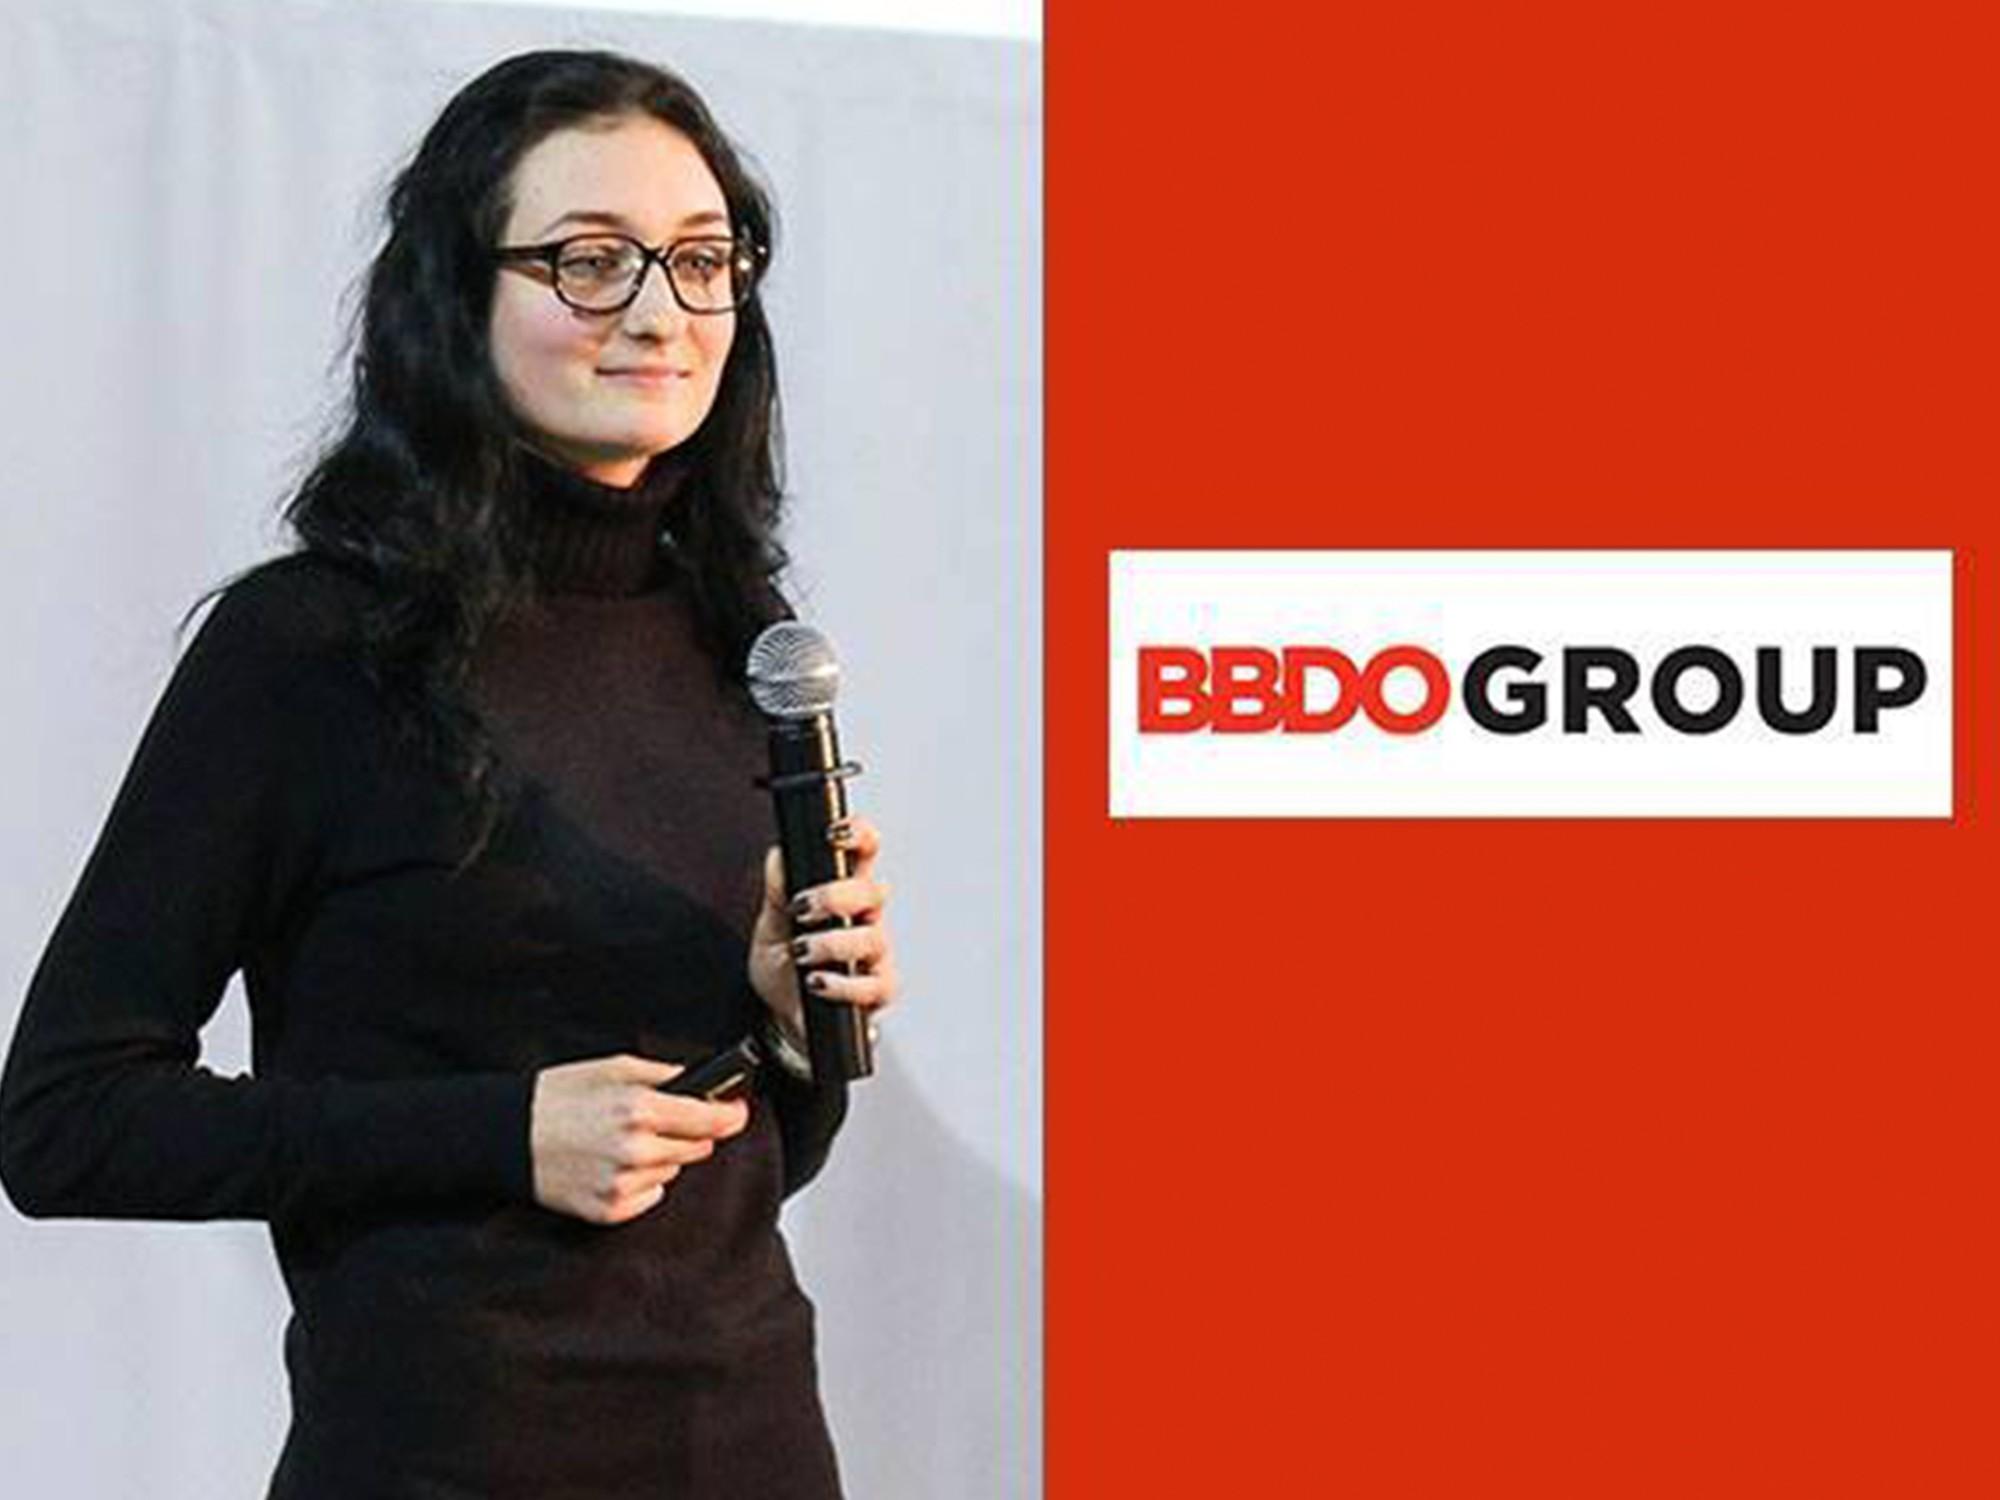 bbdo-stajirovka-biznes